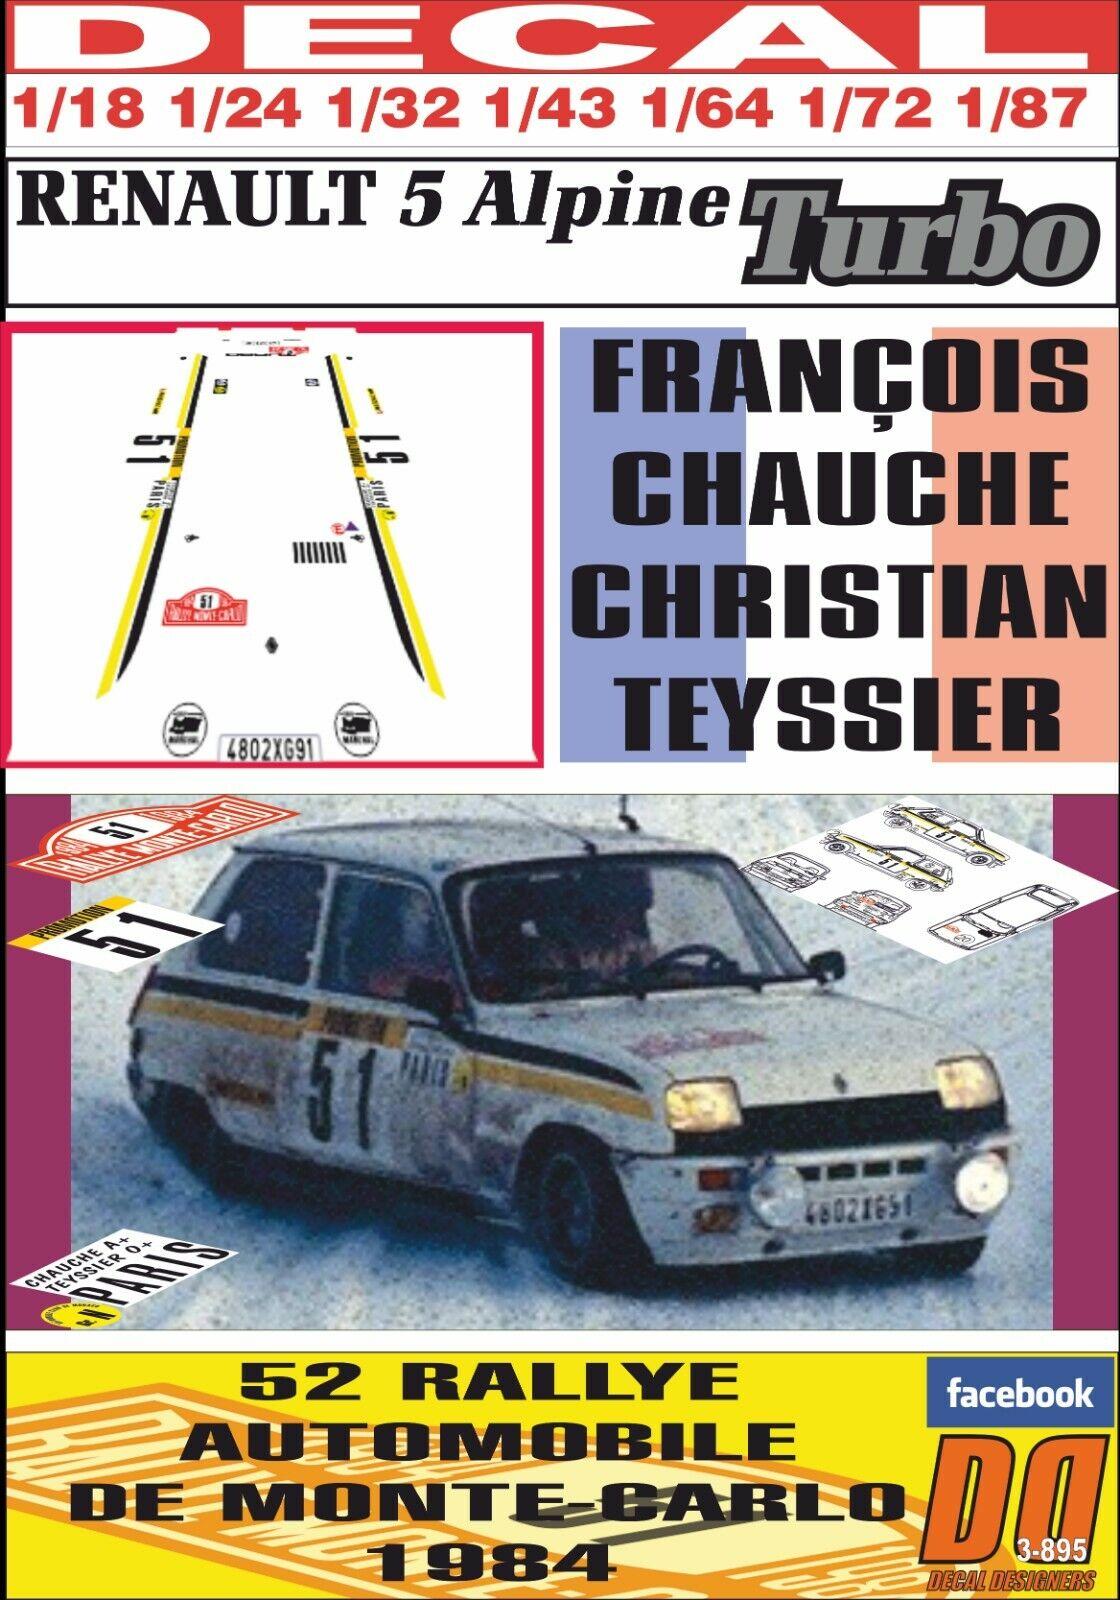 DECAL RENAULT 5 ALPIN TURBO F.CHAUCHE R.MONTEbilLO 1984 DnF (01)